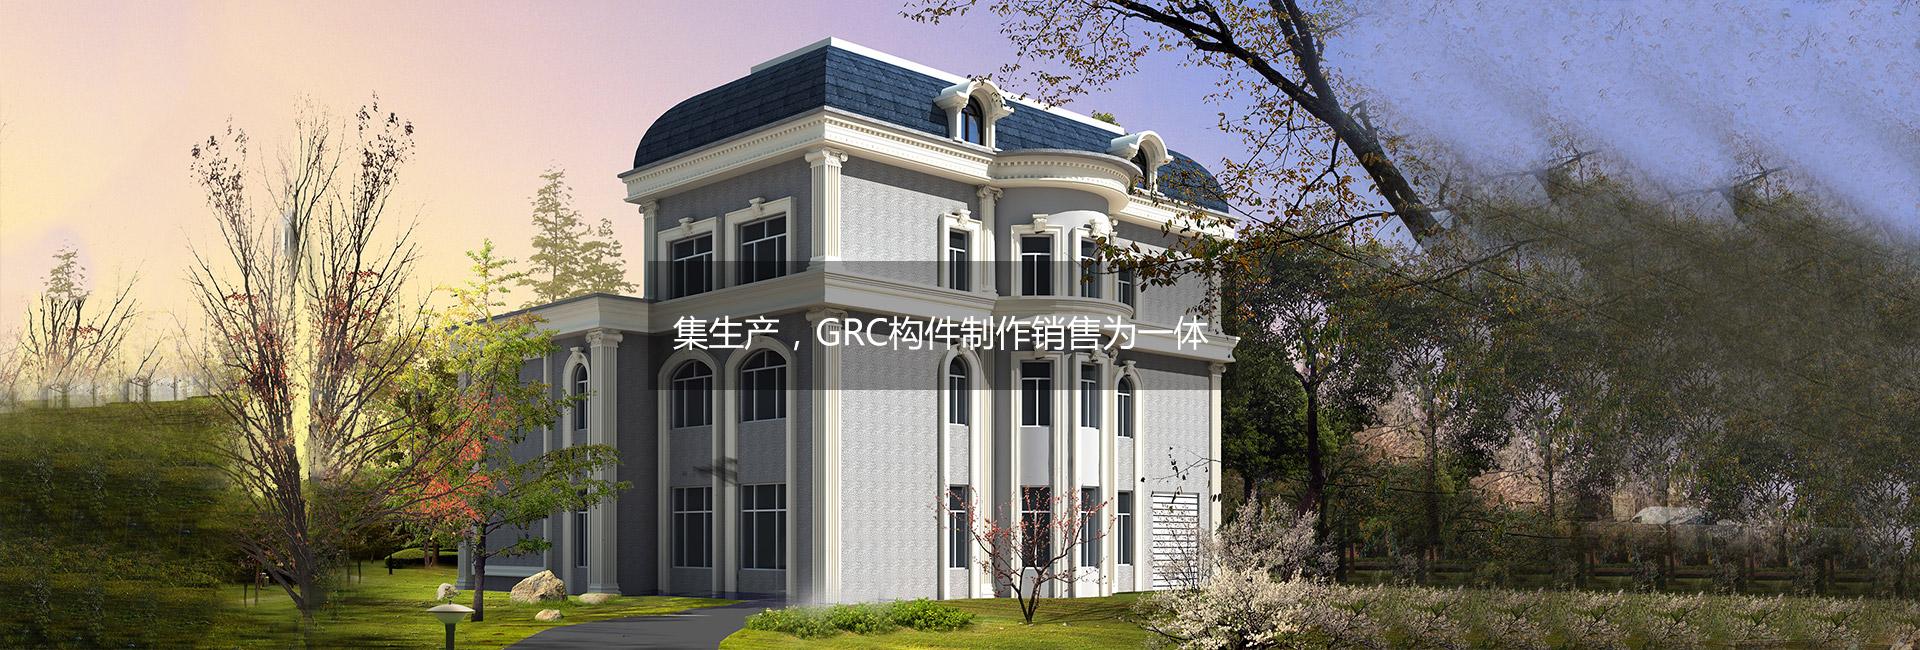 哈尔滨GRC构件